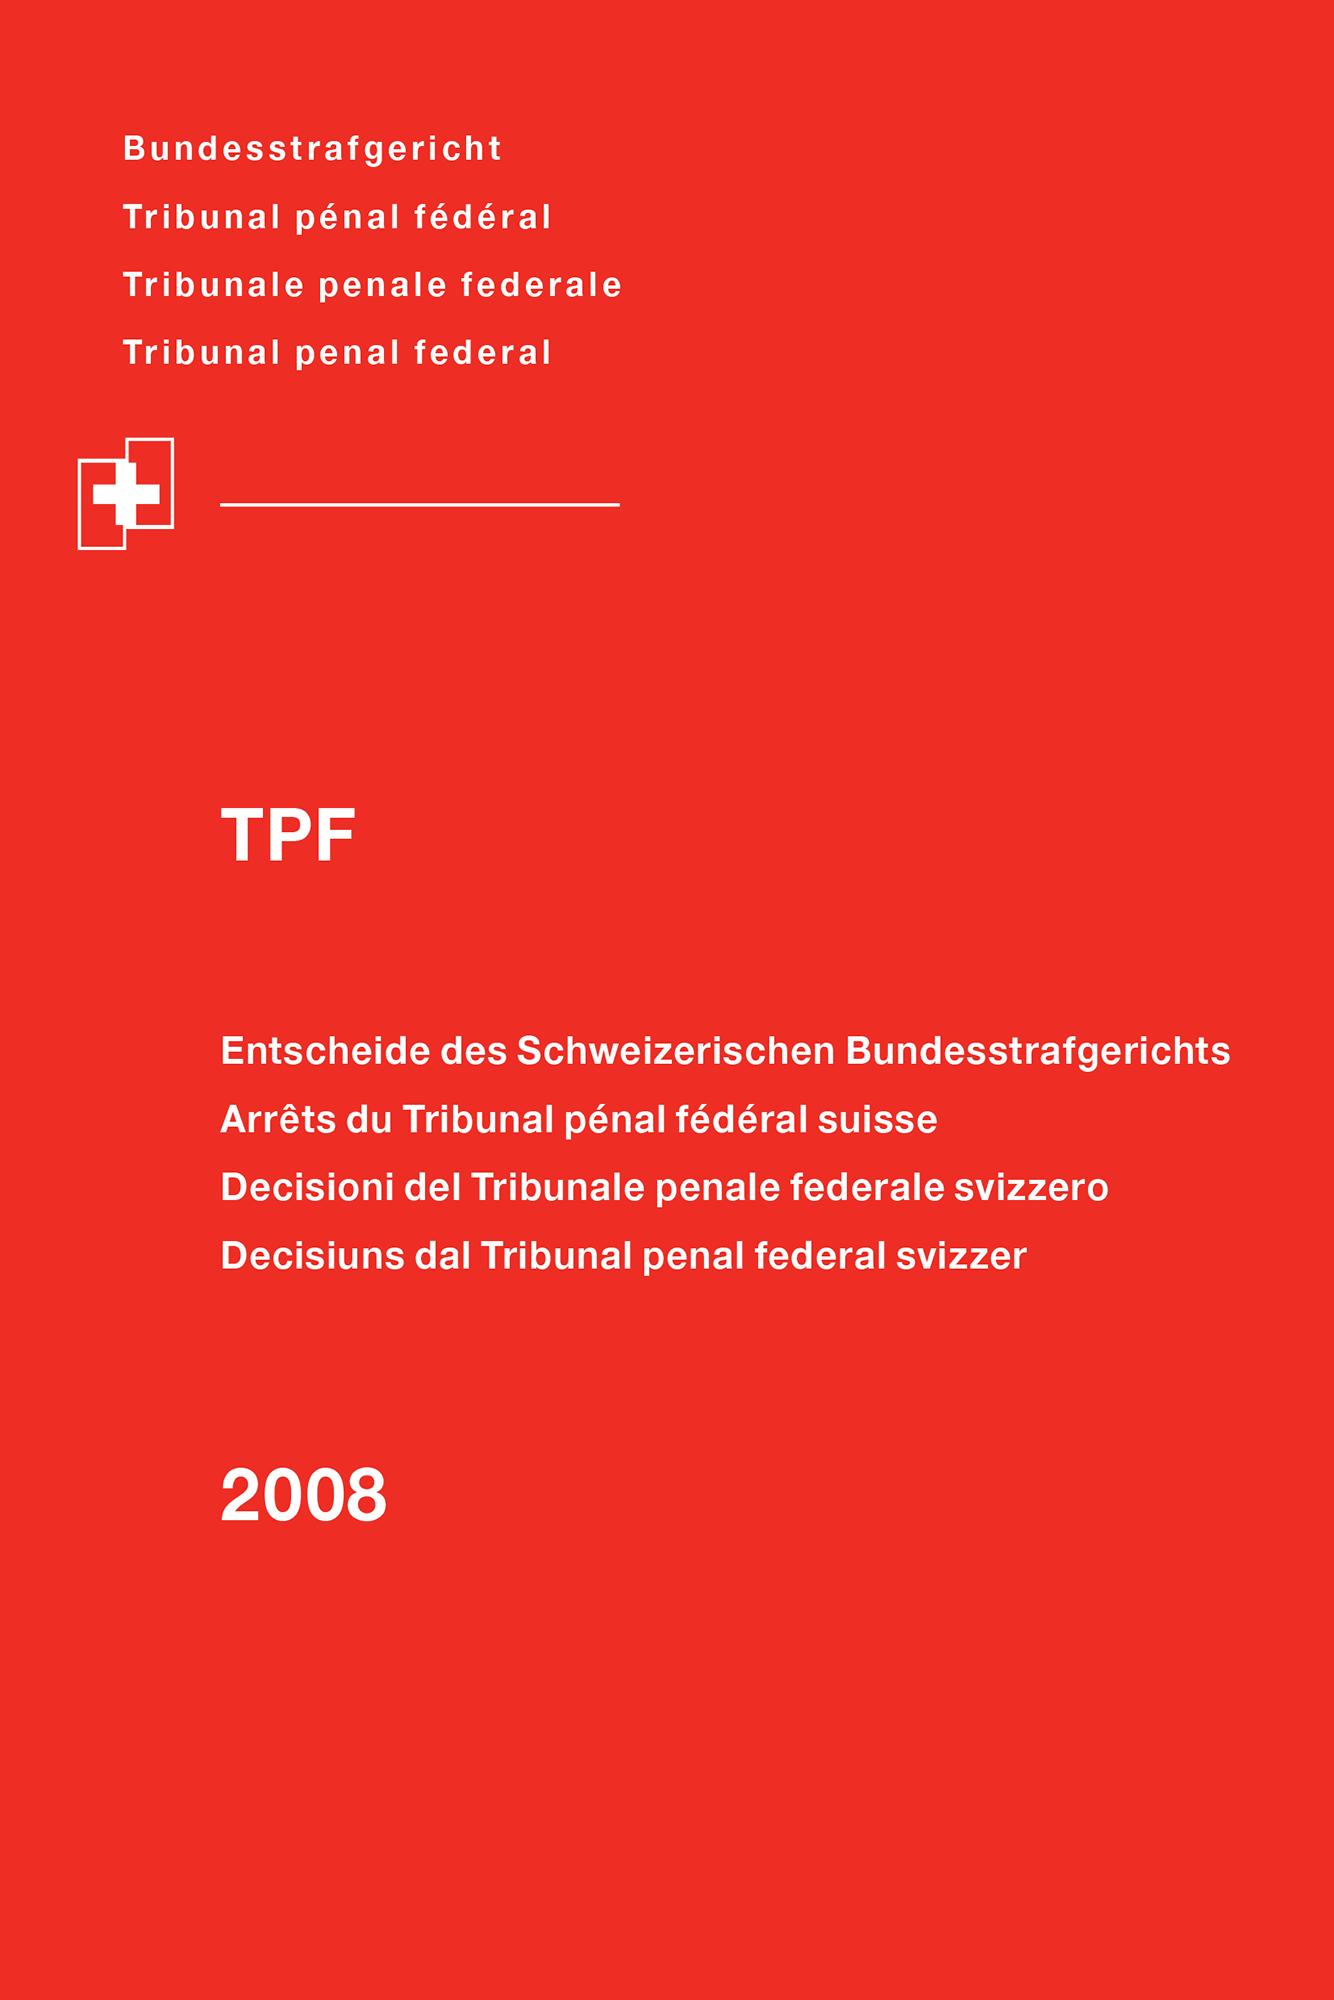 TPF 2008